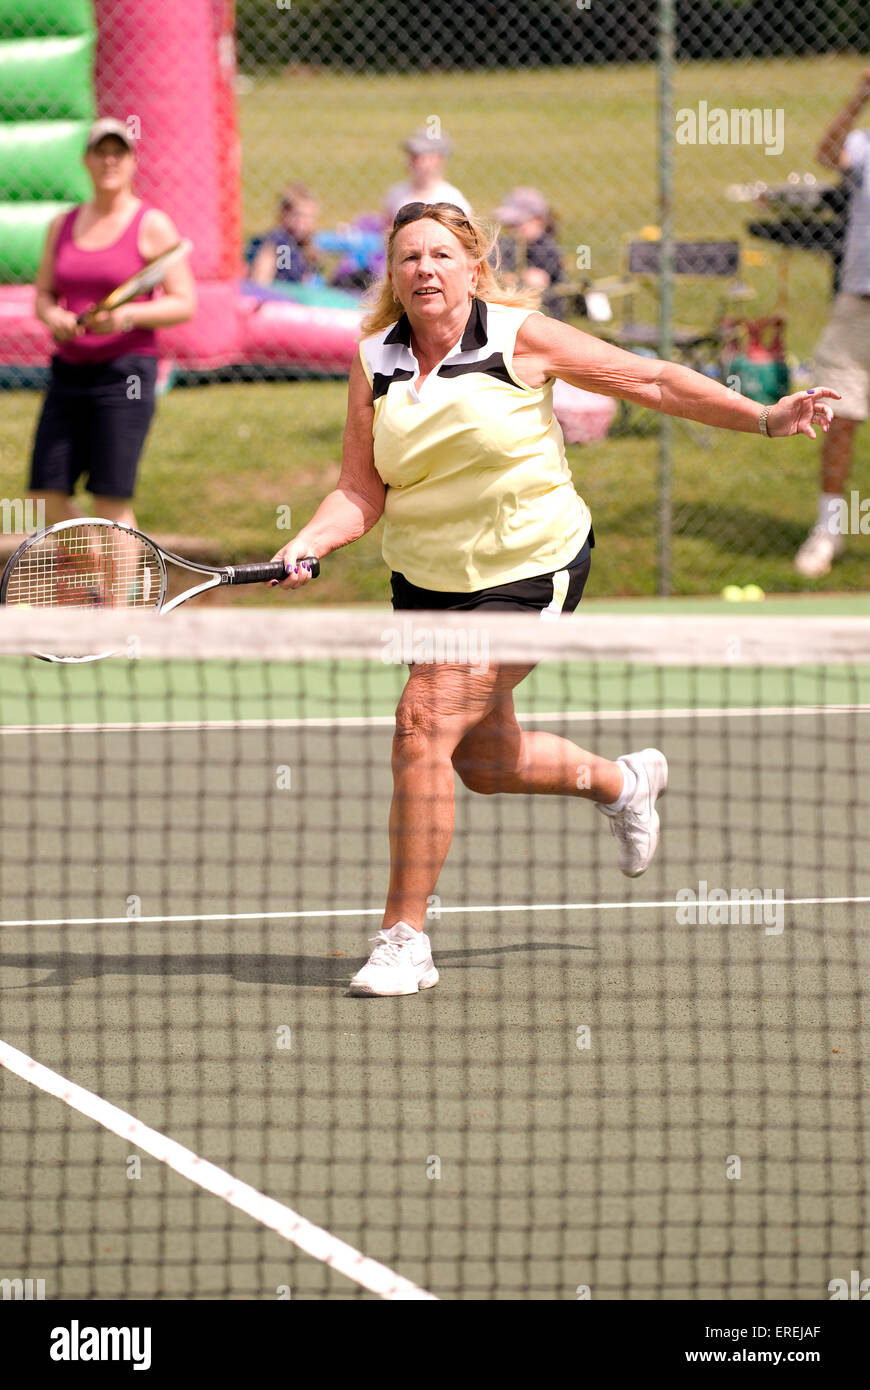 Ältere Frau, die Teilnahme an einem Charity-Tennis-Event, Headley, Hampshire, UK. Stockbild